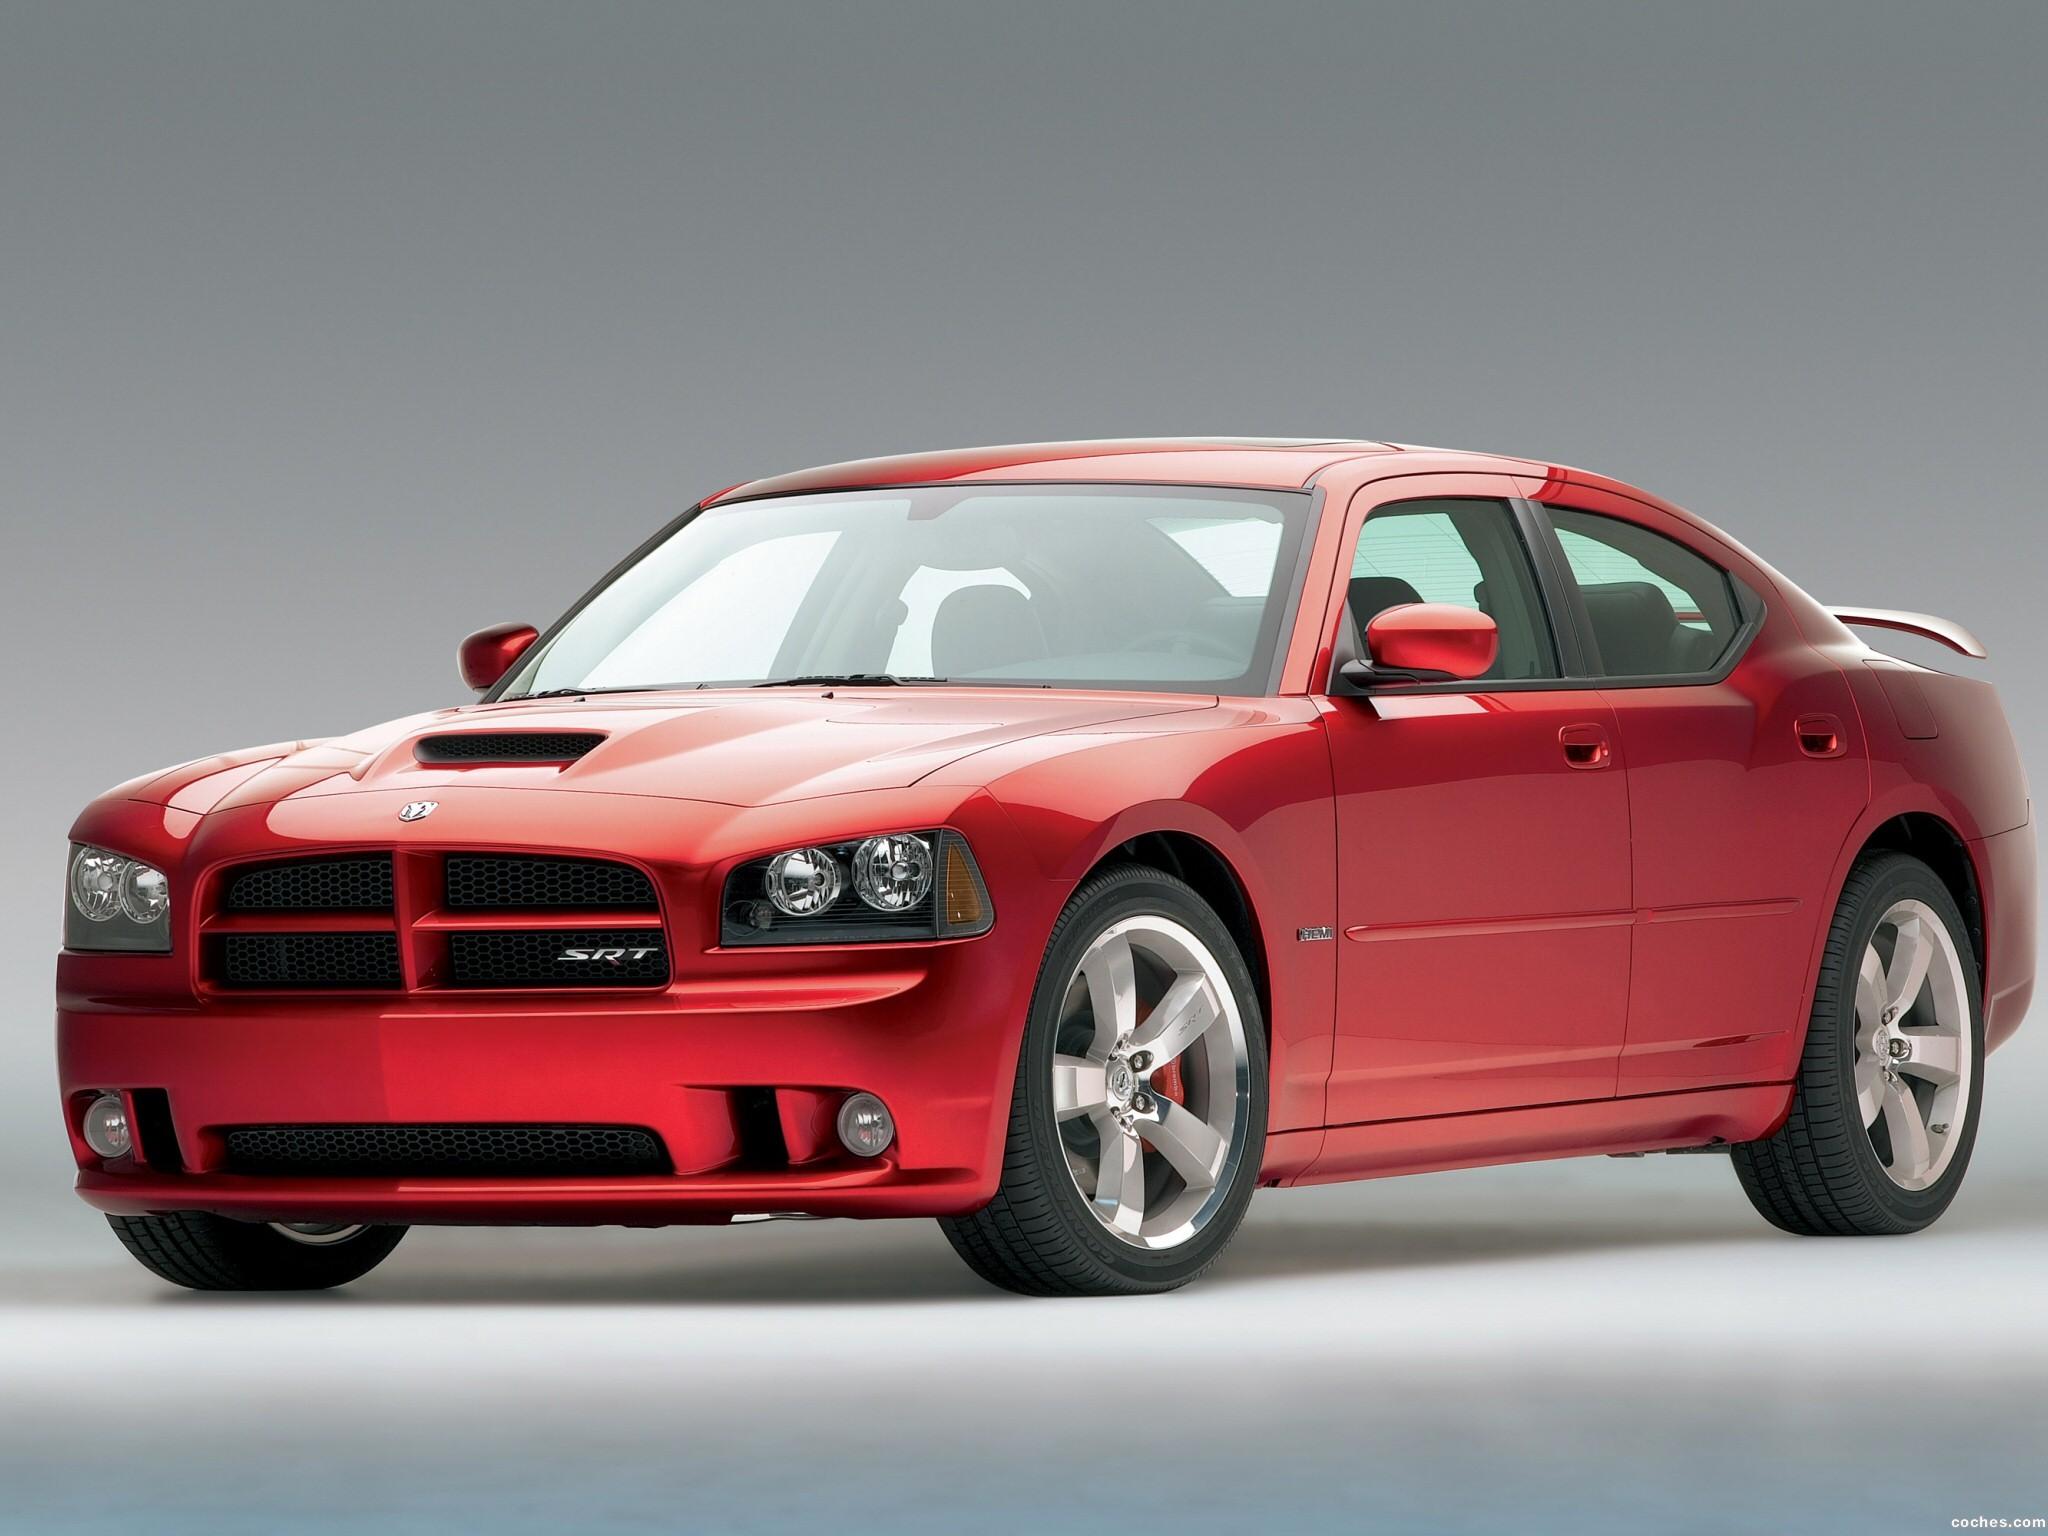 Foto 0 de Dodge Charger SRT-8 2006